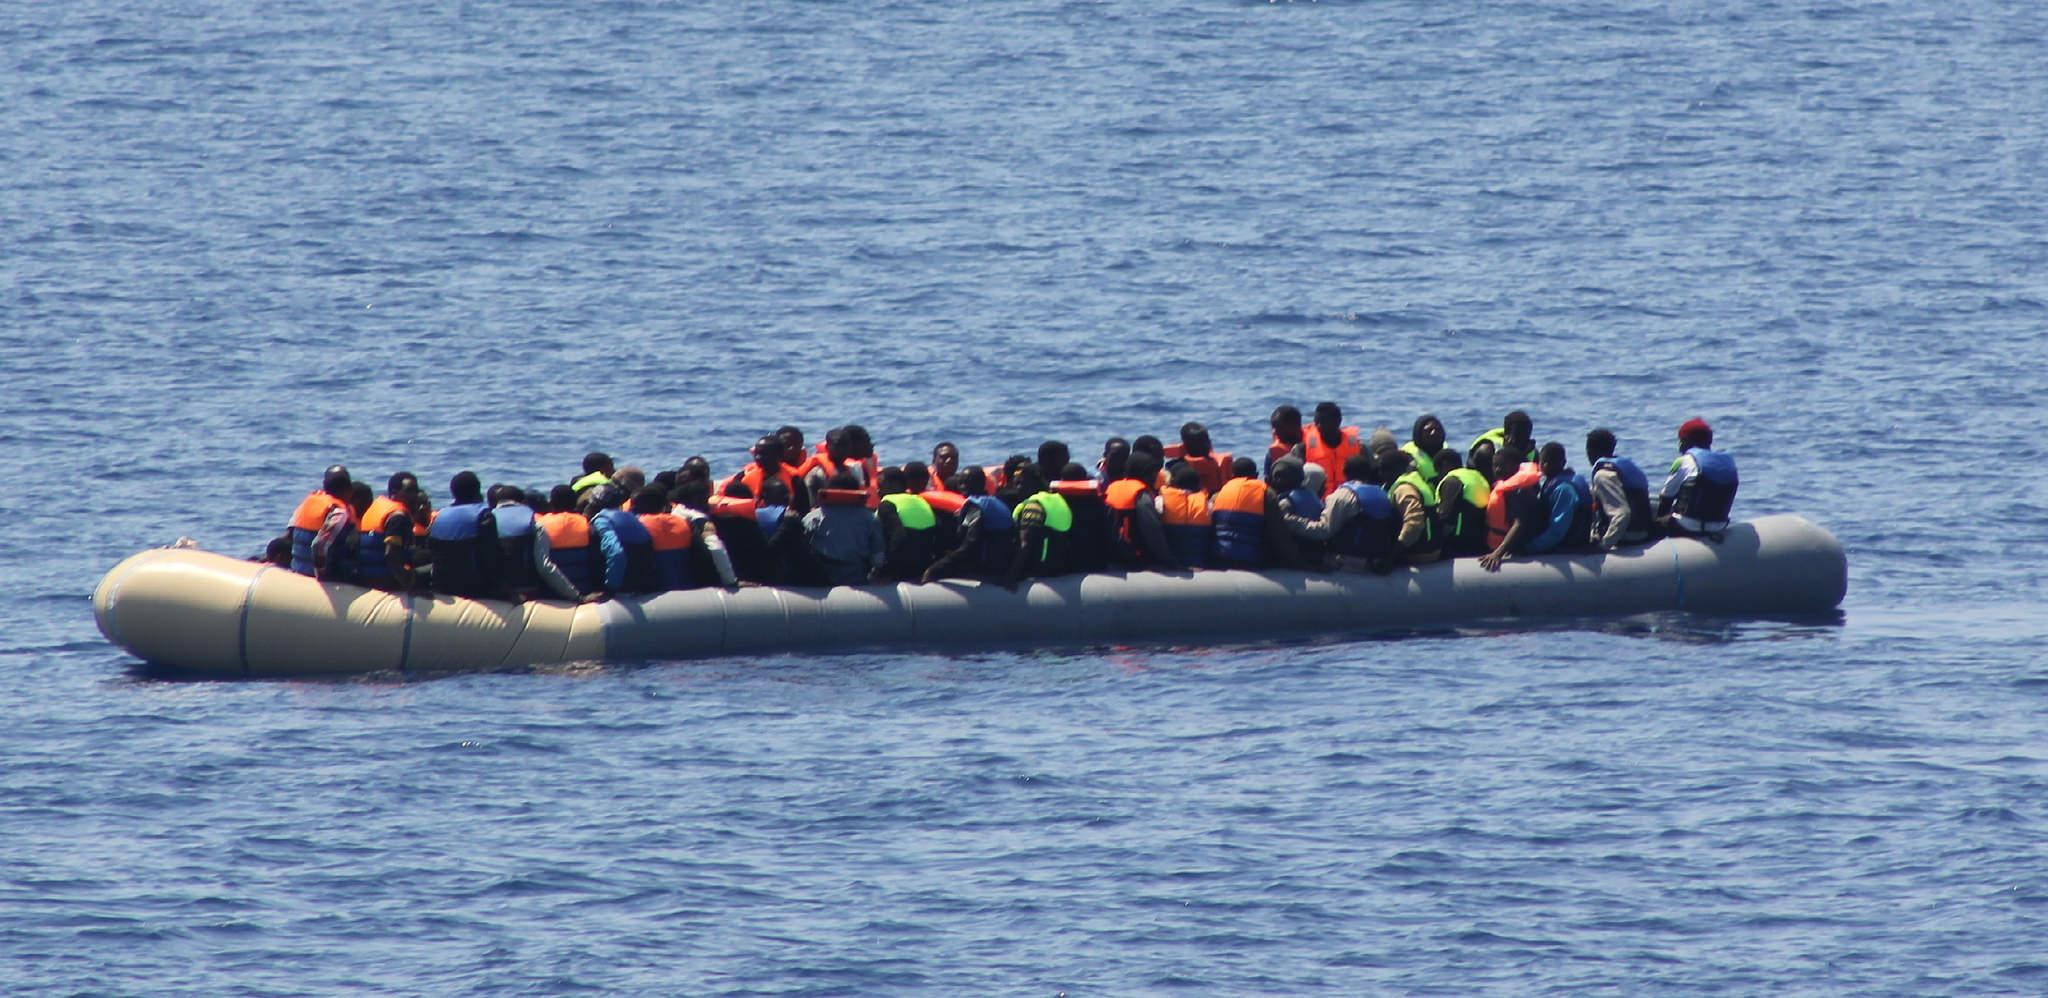 Migrants sur un bateau pneumatique (source : Flickr)